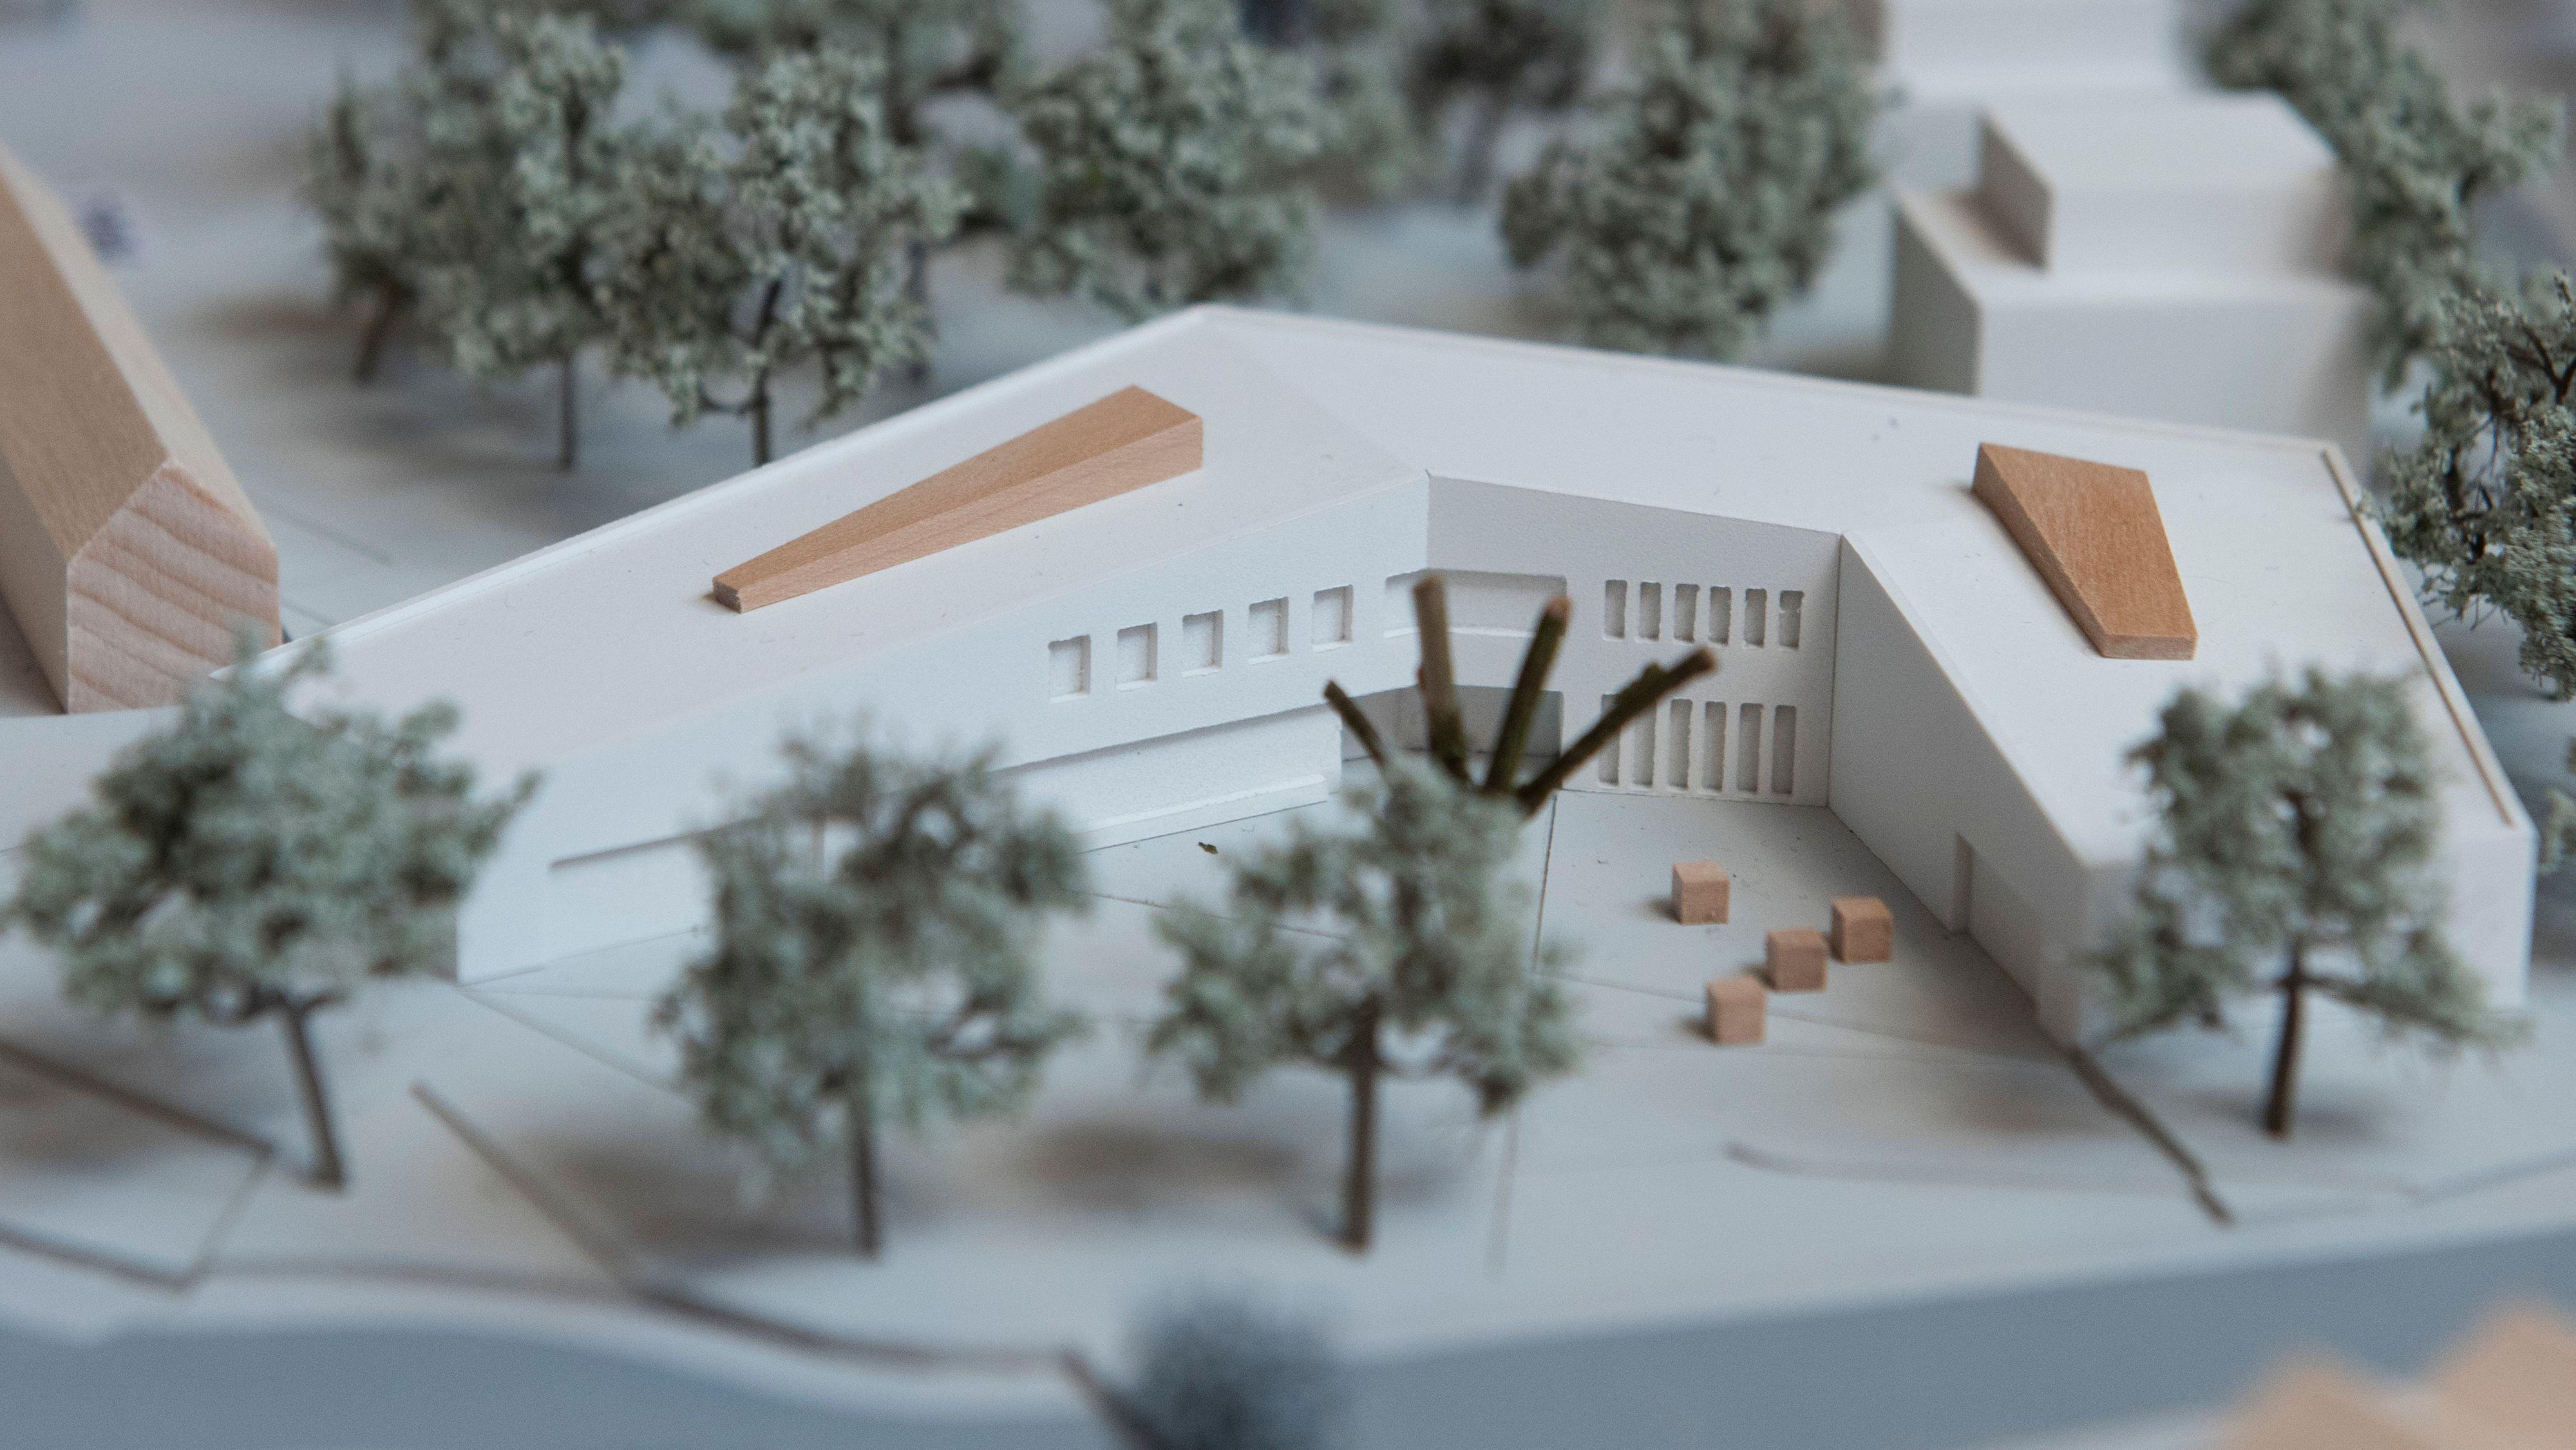 Heiß diskutiert: Das Neubauprojekt mit Rathaus und Dorfgemeinschaftshaus. Foto: Thomas Vorwerk